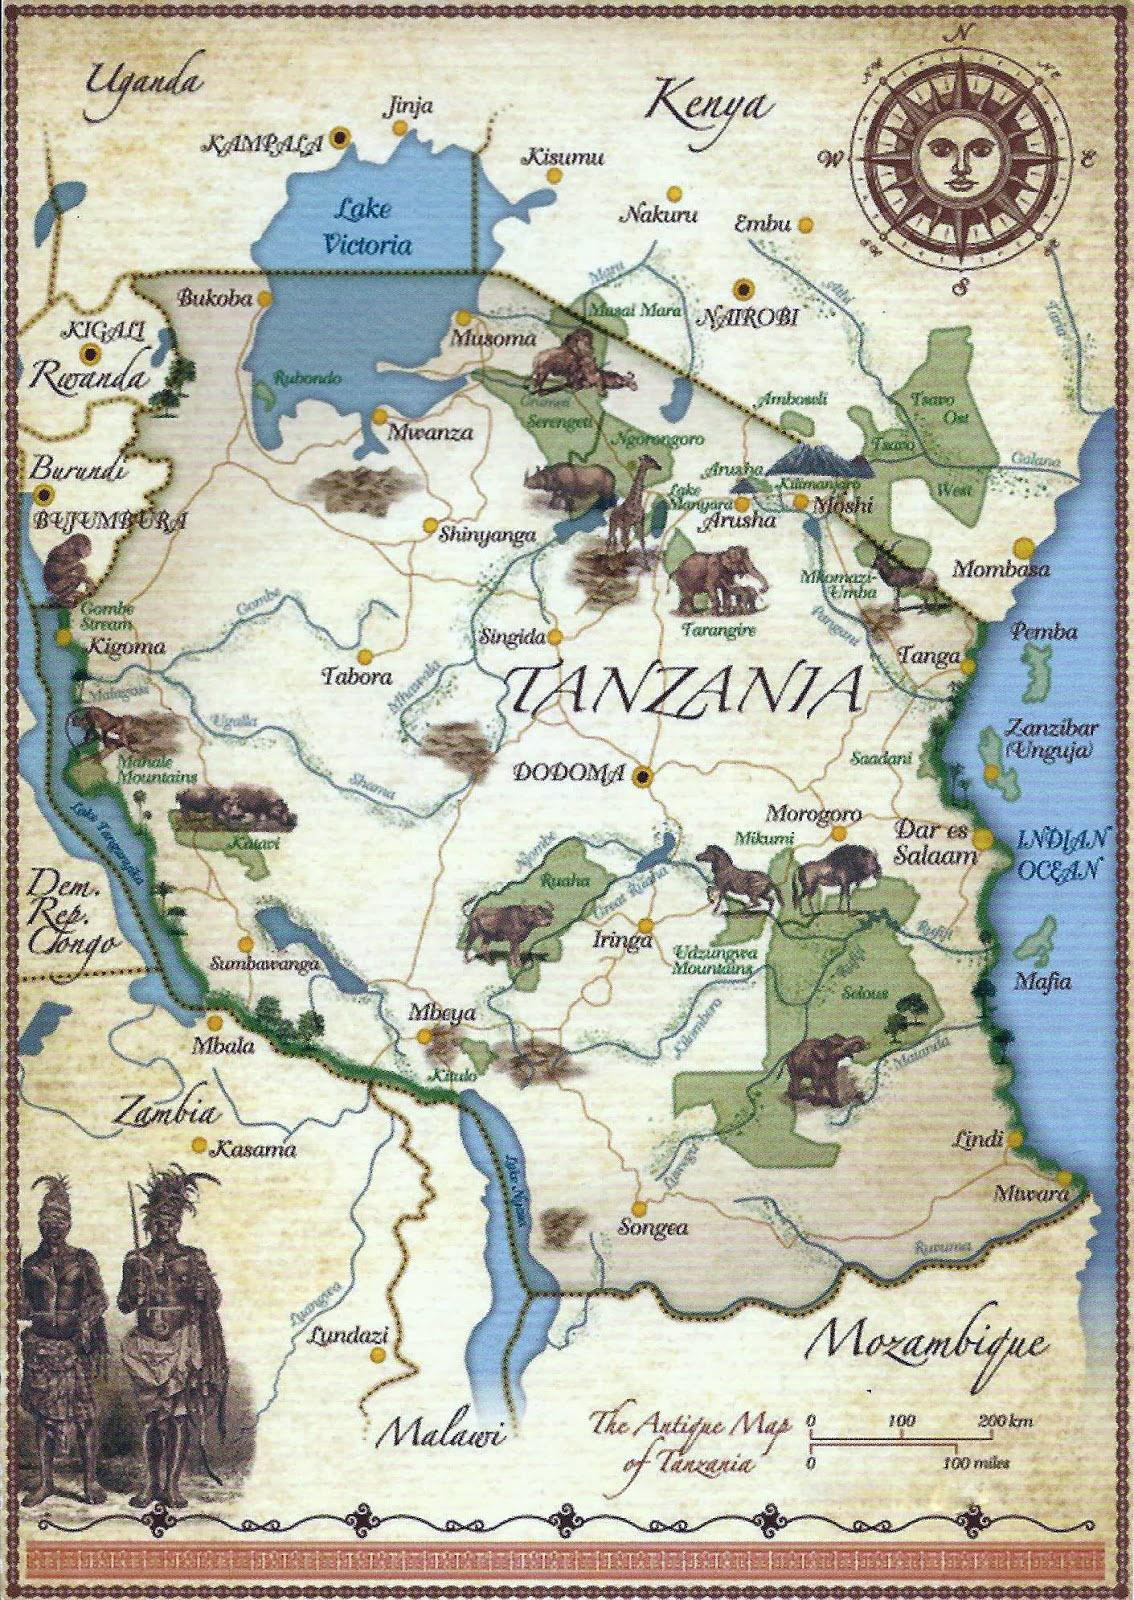 الخريطة السياحية المفصلة والموضحة لخريطة تنزانيا